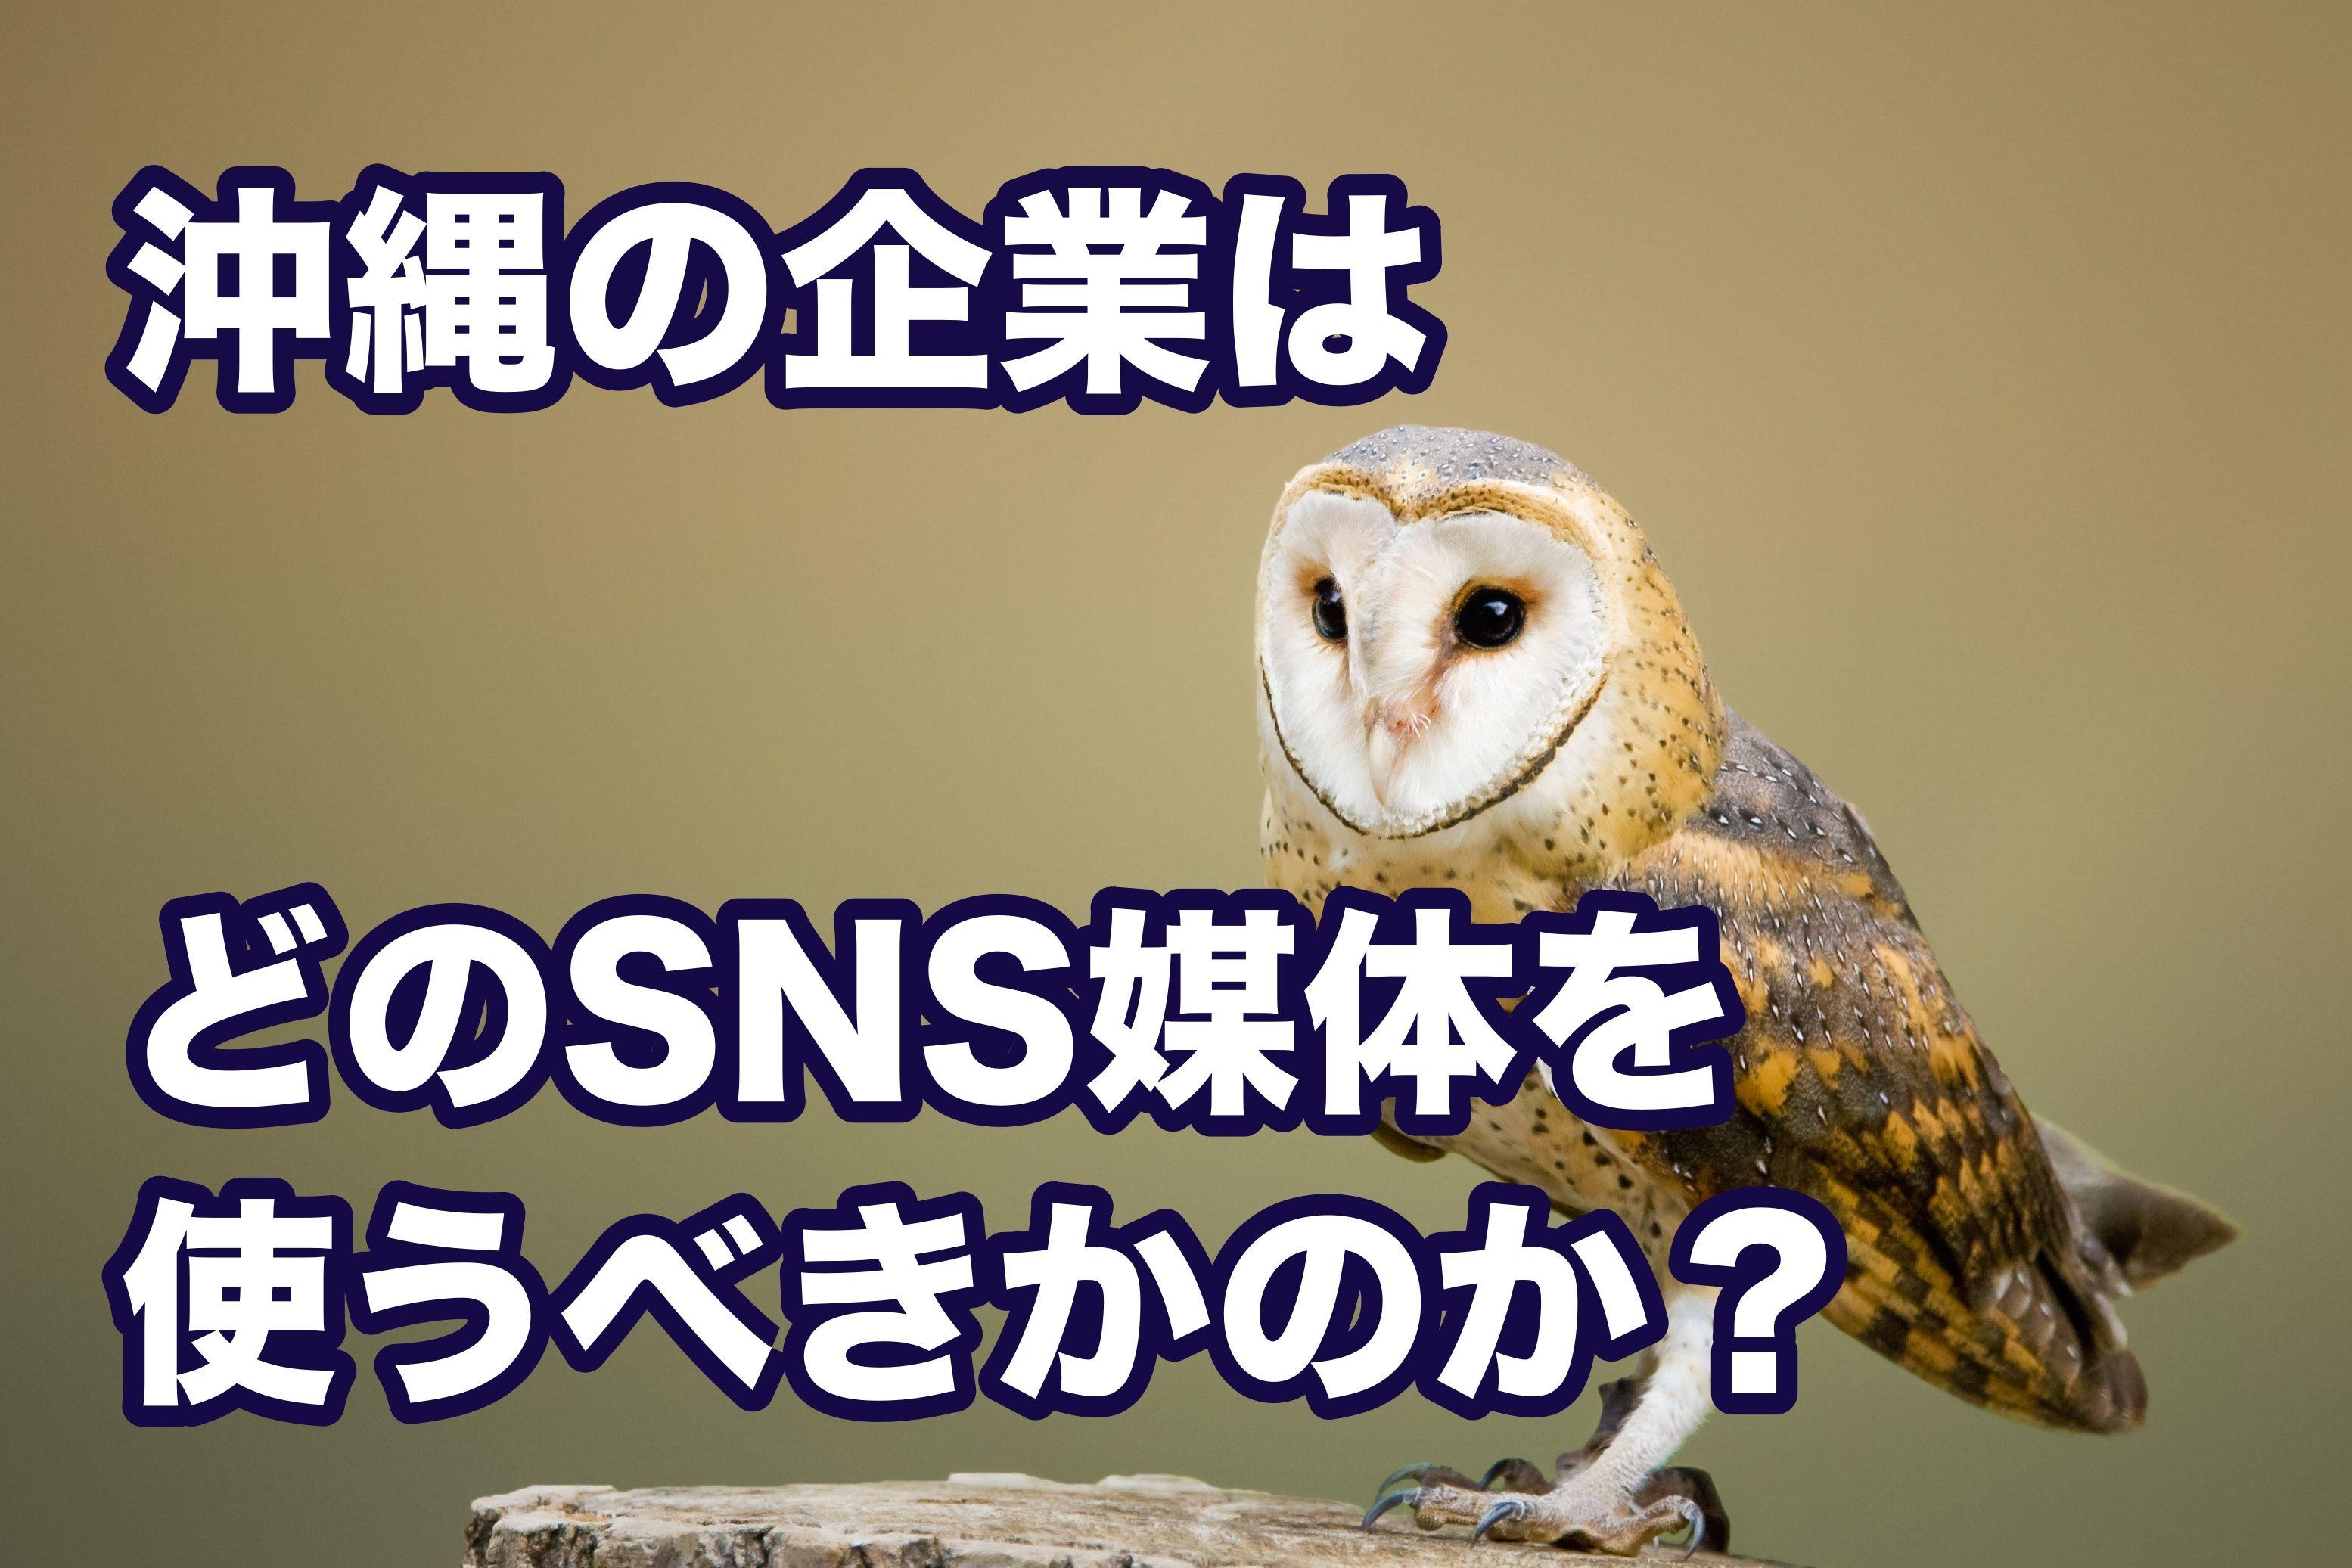 沖縄の企業はどのSNS媒体を使うべきかのか?